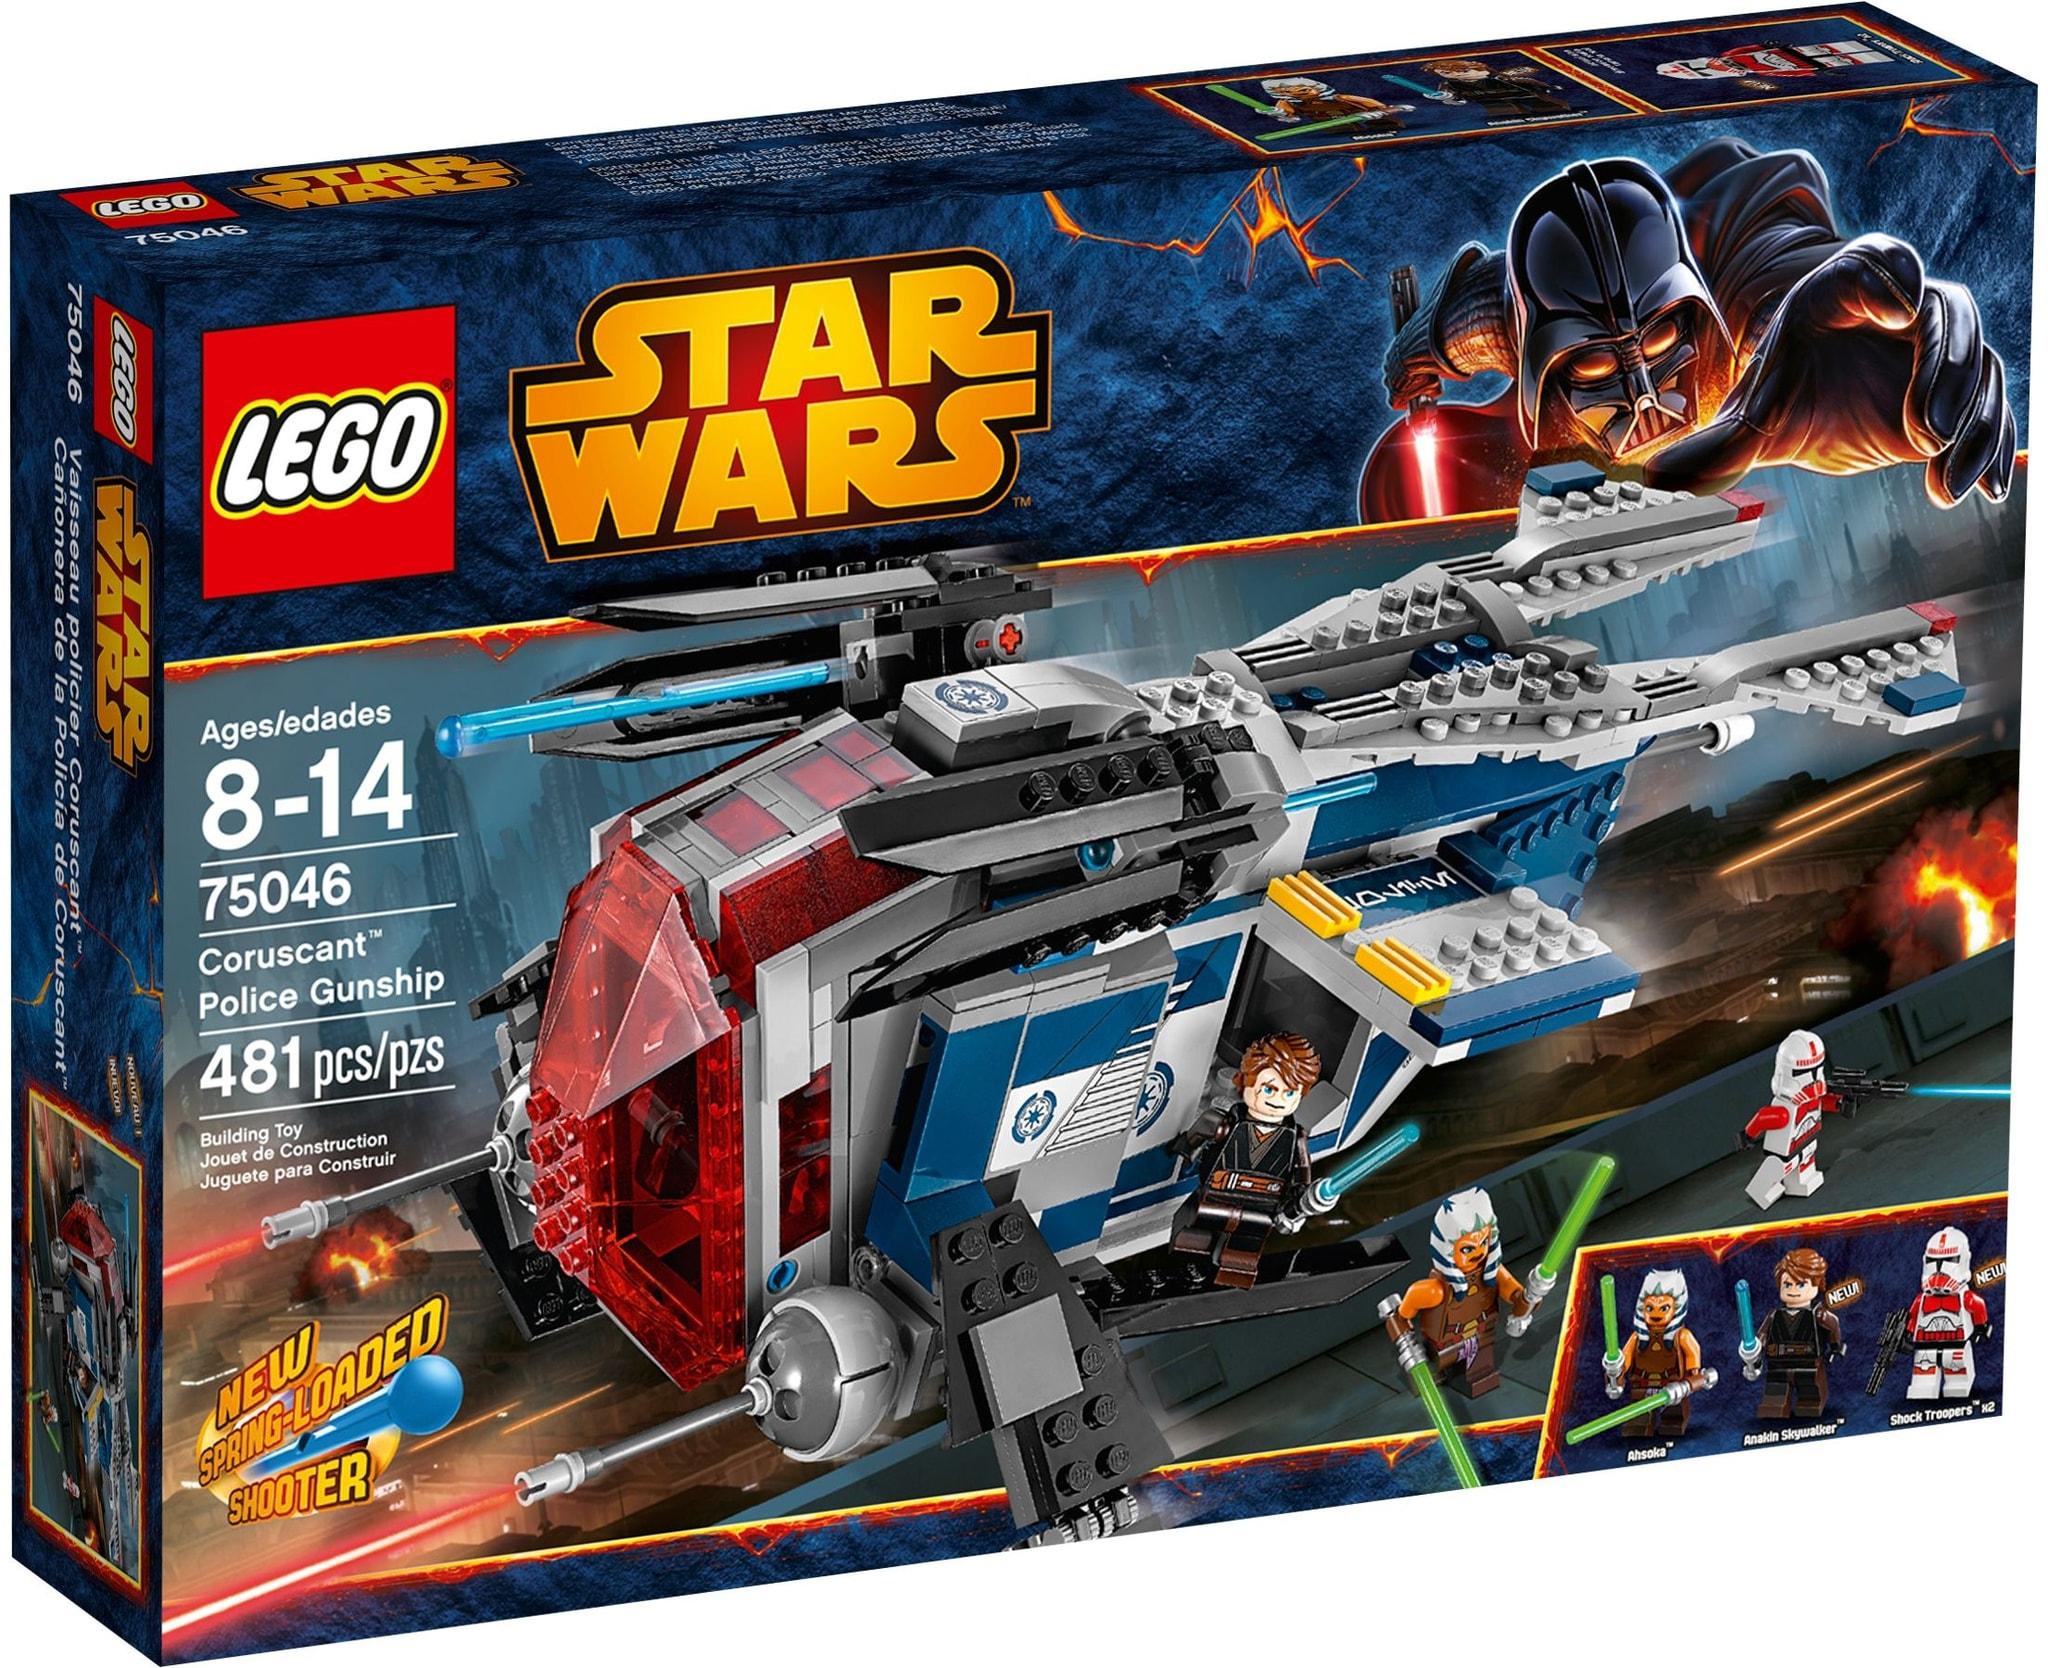 LEGO 75046 - Star Wars - Coruscant Police Gunship